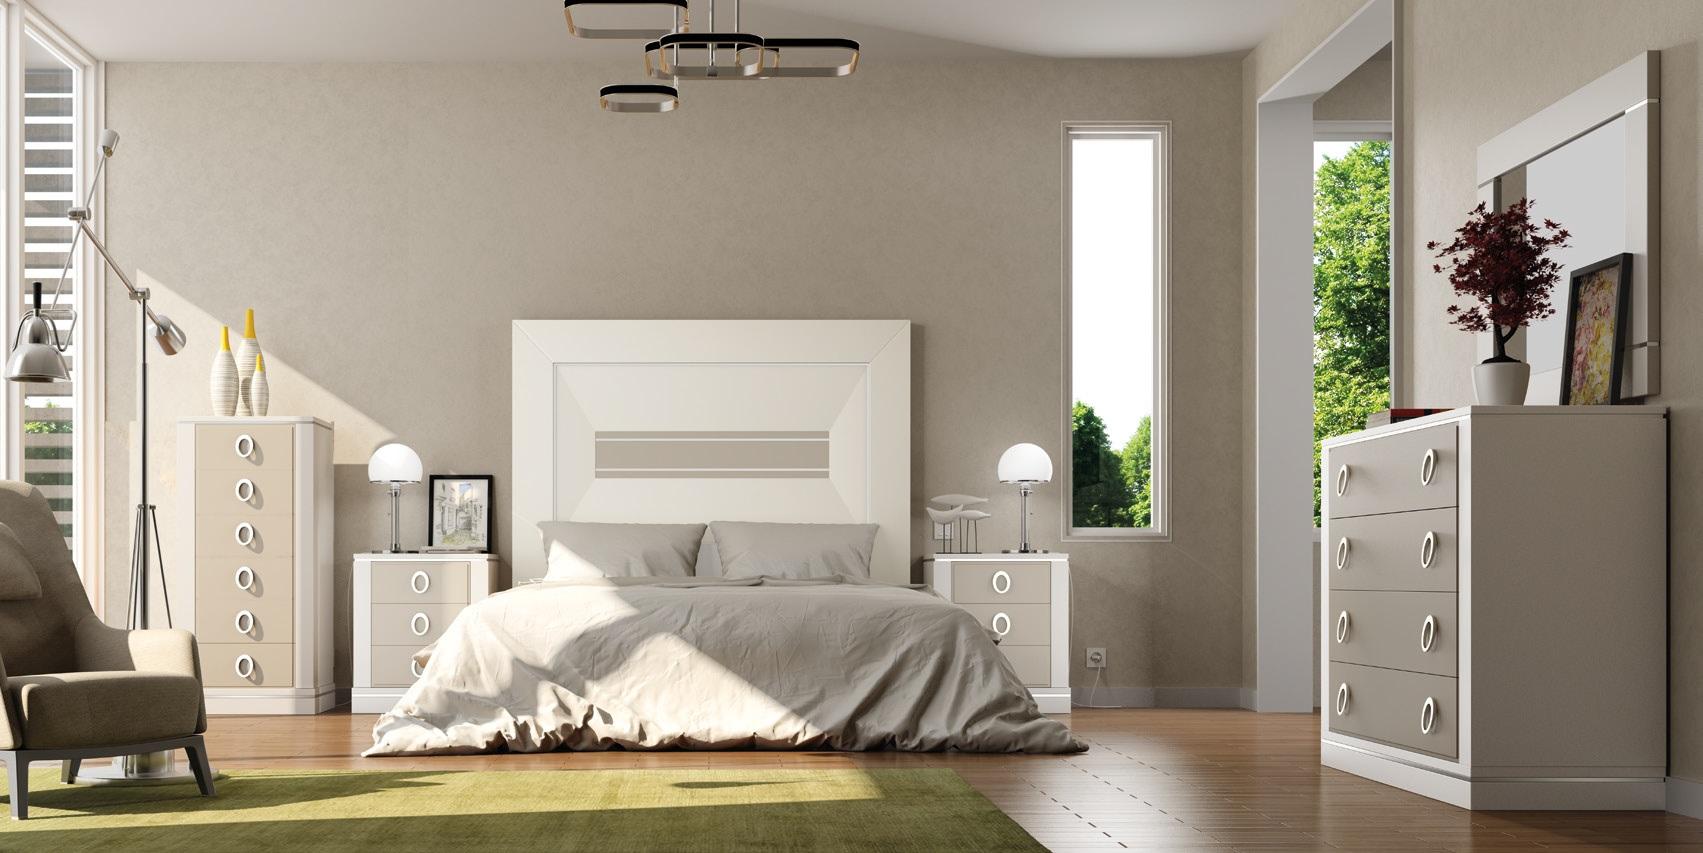 dormitorio-contemporaneo-Colecc-oporto-muebles-paco-caballero-1202-5cb4bcda3bfbd